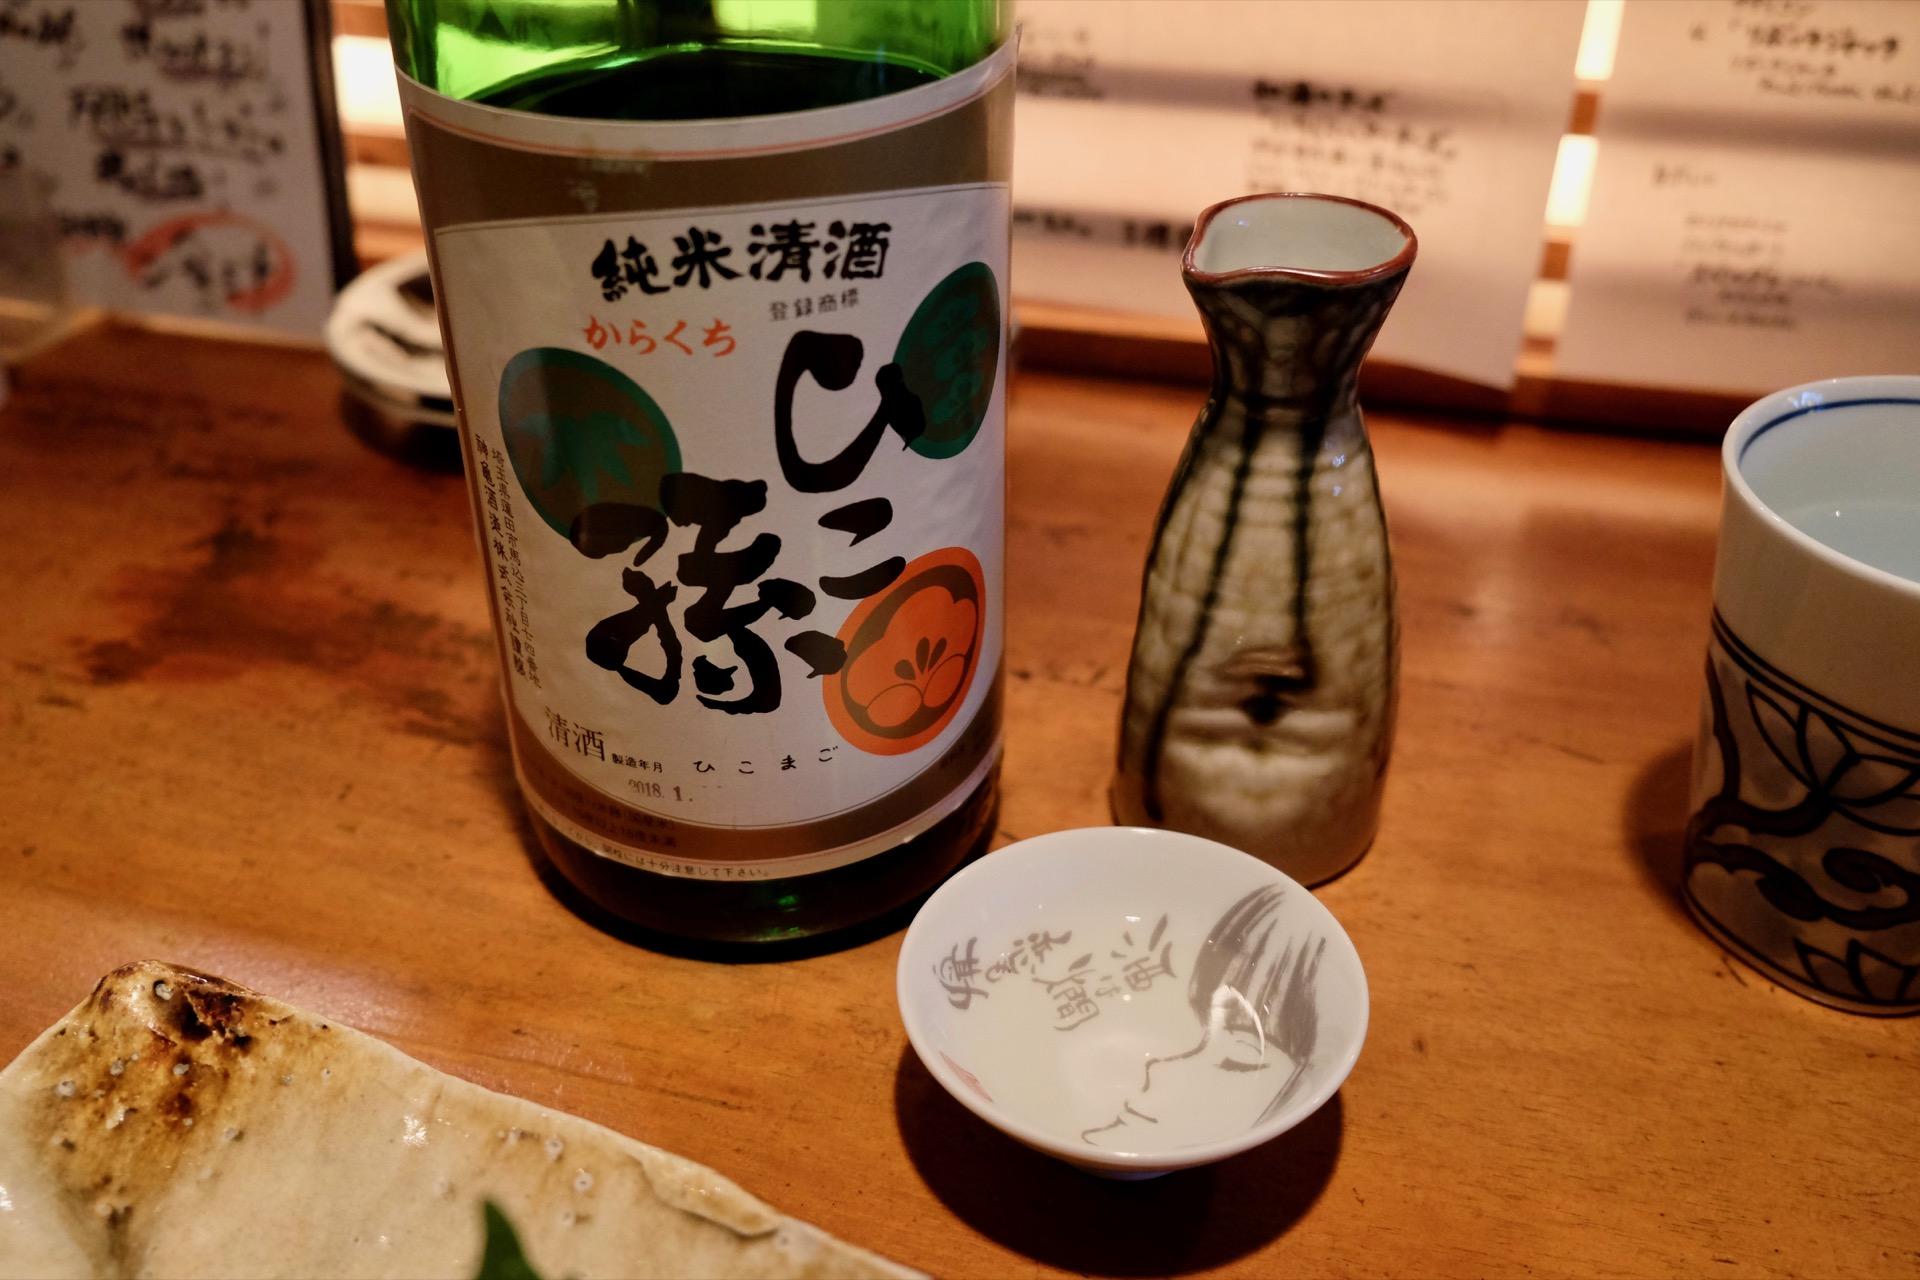 純米酒 ひこ孫|日本酒テイスティングノート